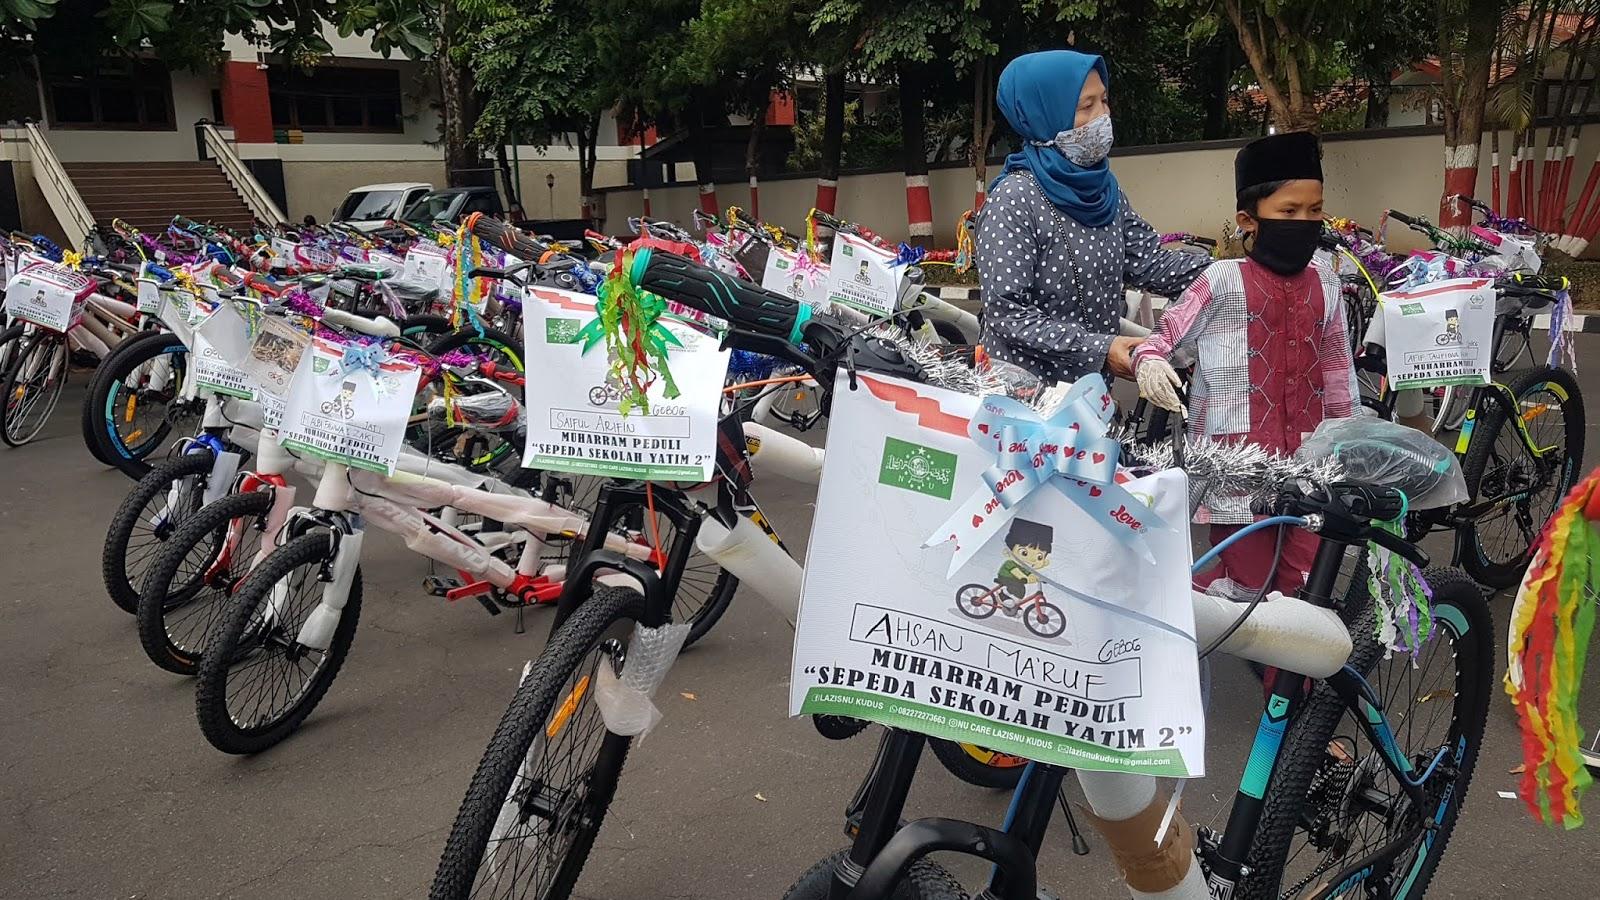 Lazisnu : Bantuan Uang Tunai Diubah Jadi Bagi-bagi Sepeda Sekolah